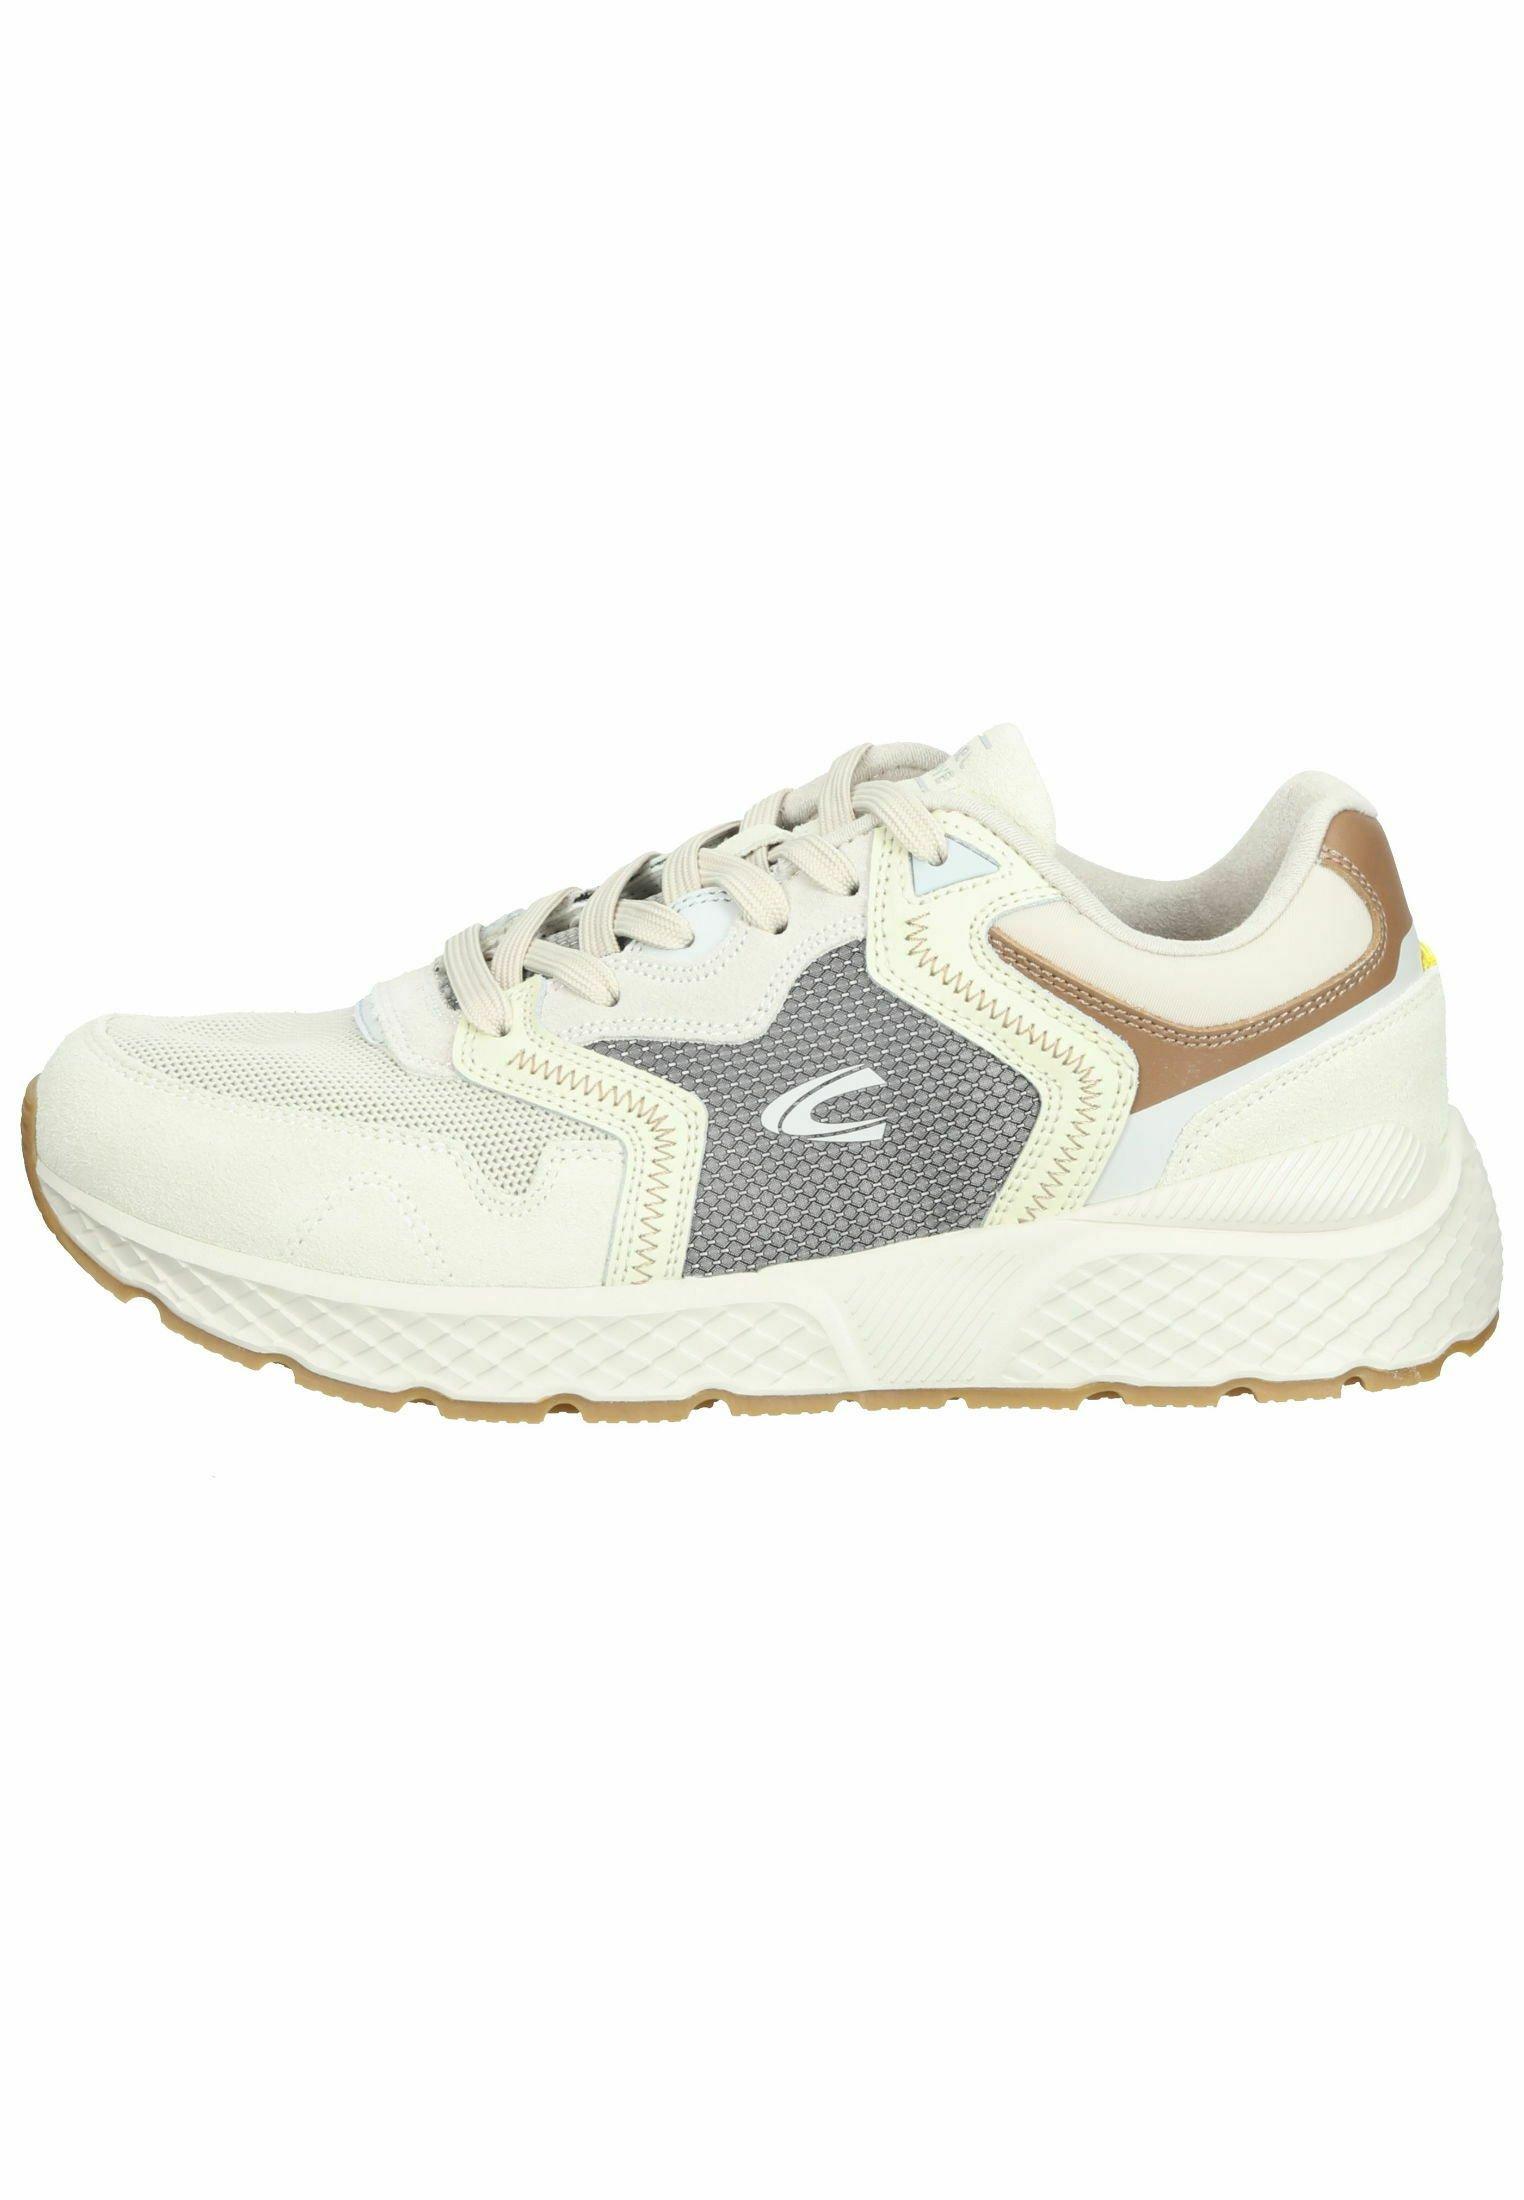 Herren Sneaker low - offwhite multi